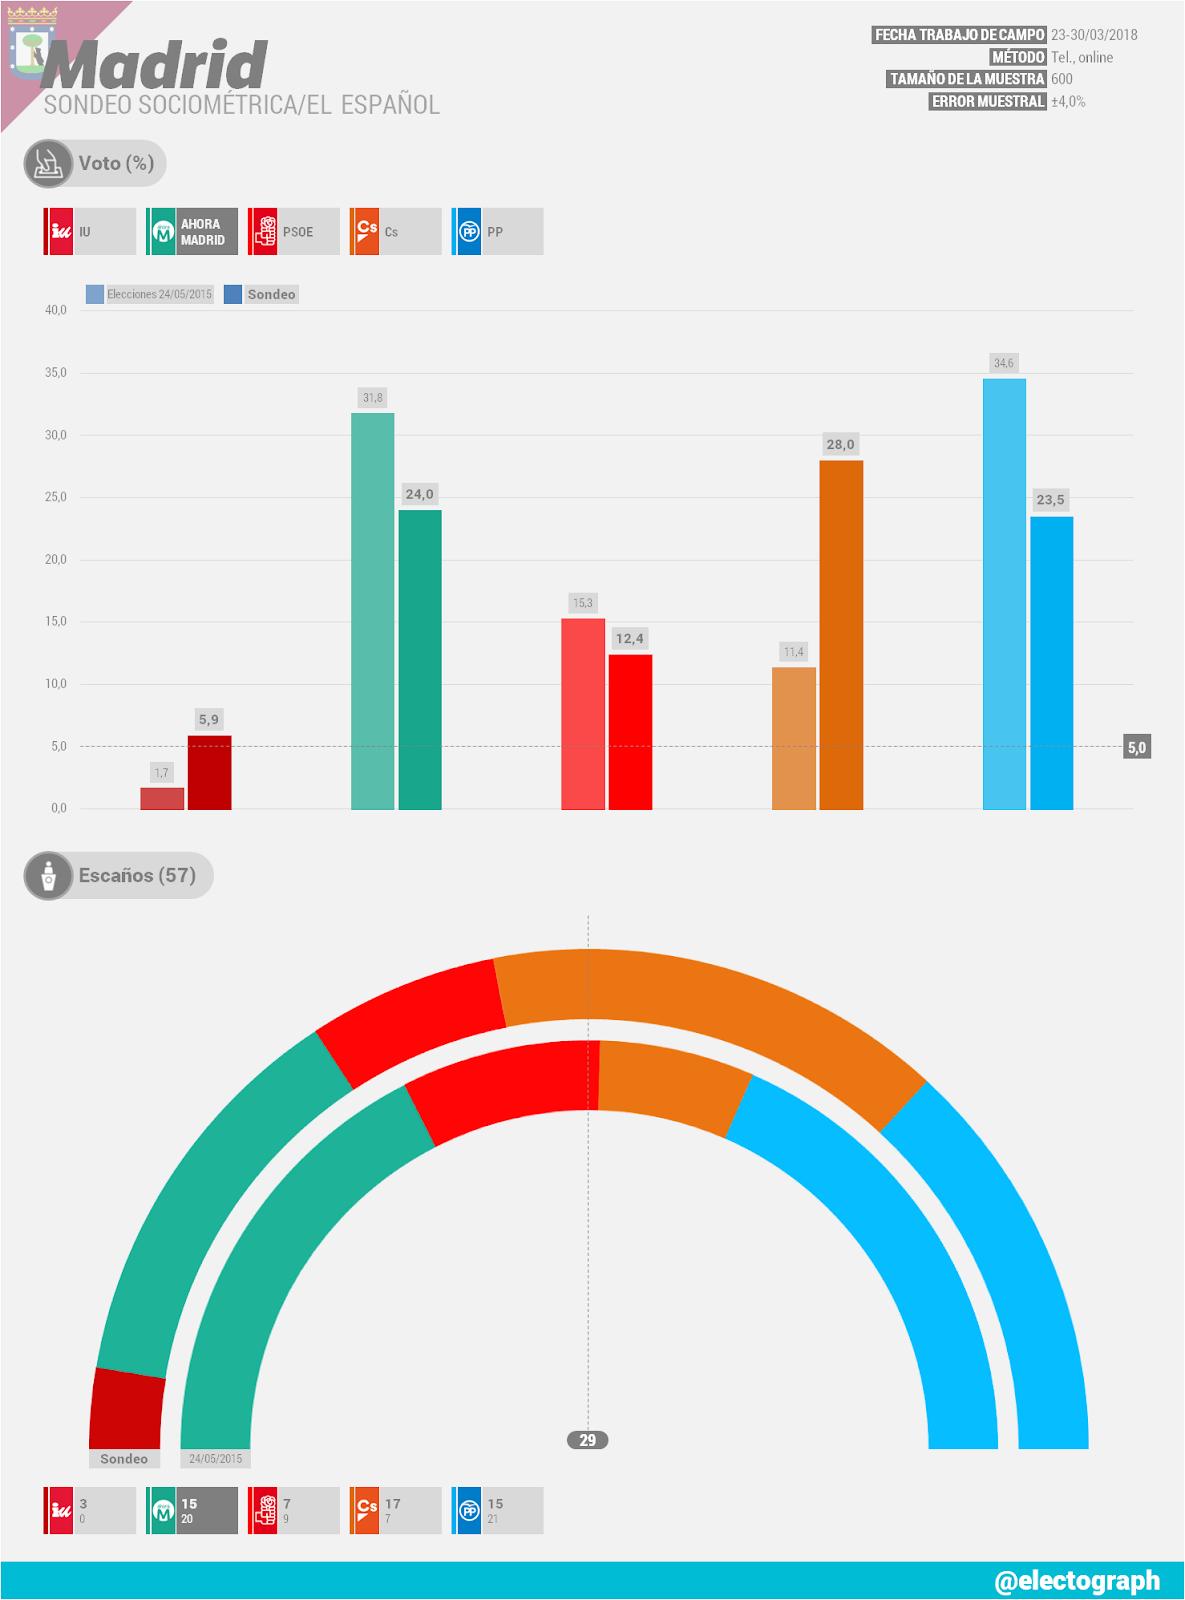 Gráfico de la encuesta para elecciones municipales en Madrid realizada por SocioMétrica para El Español en marzo de 2018